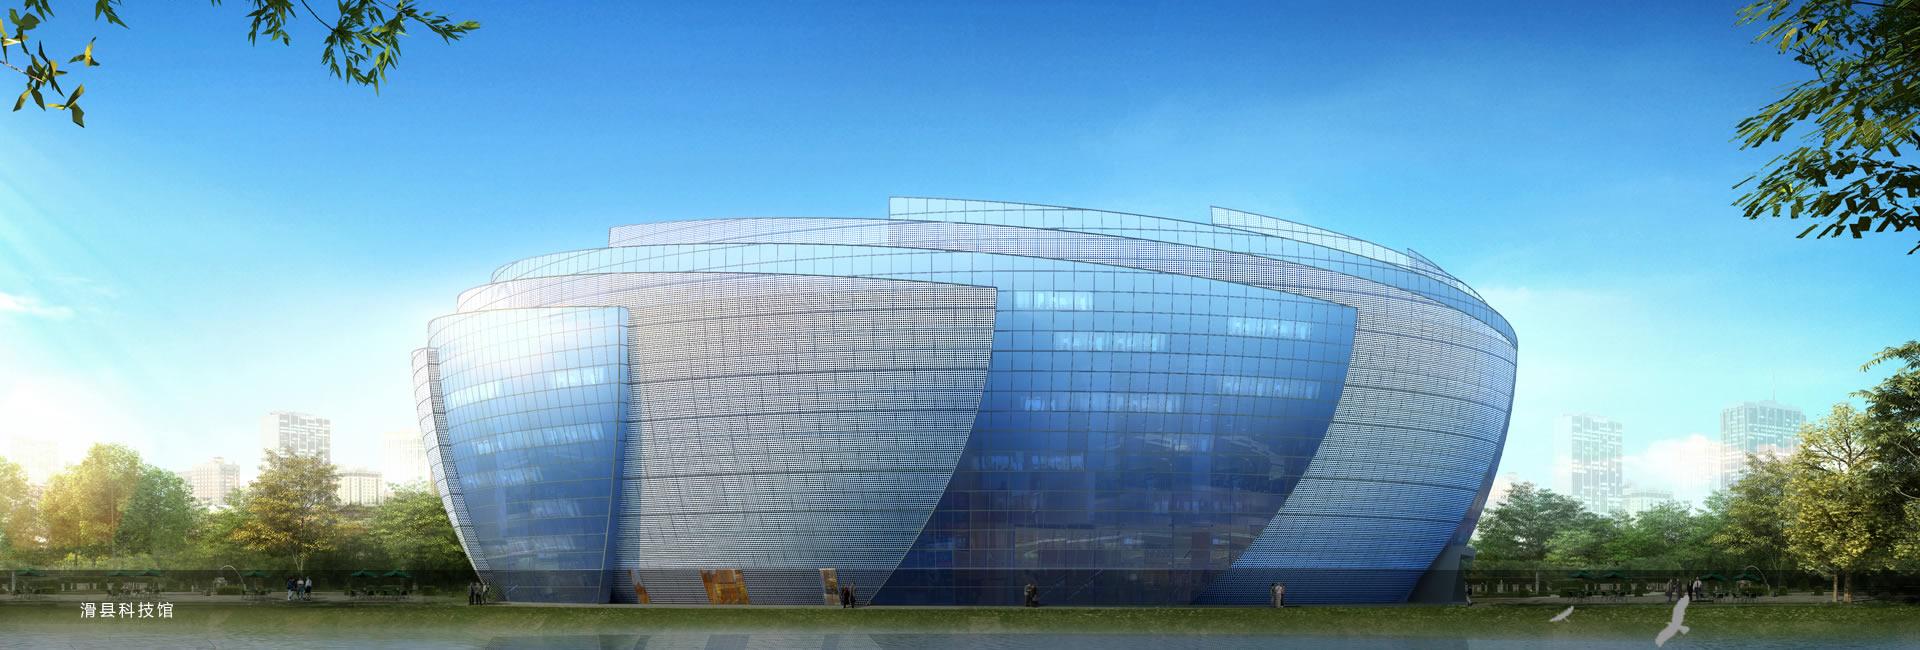 滑县科技馆